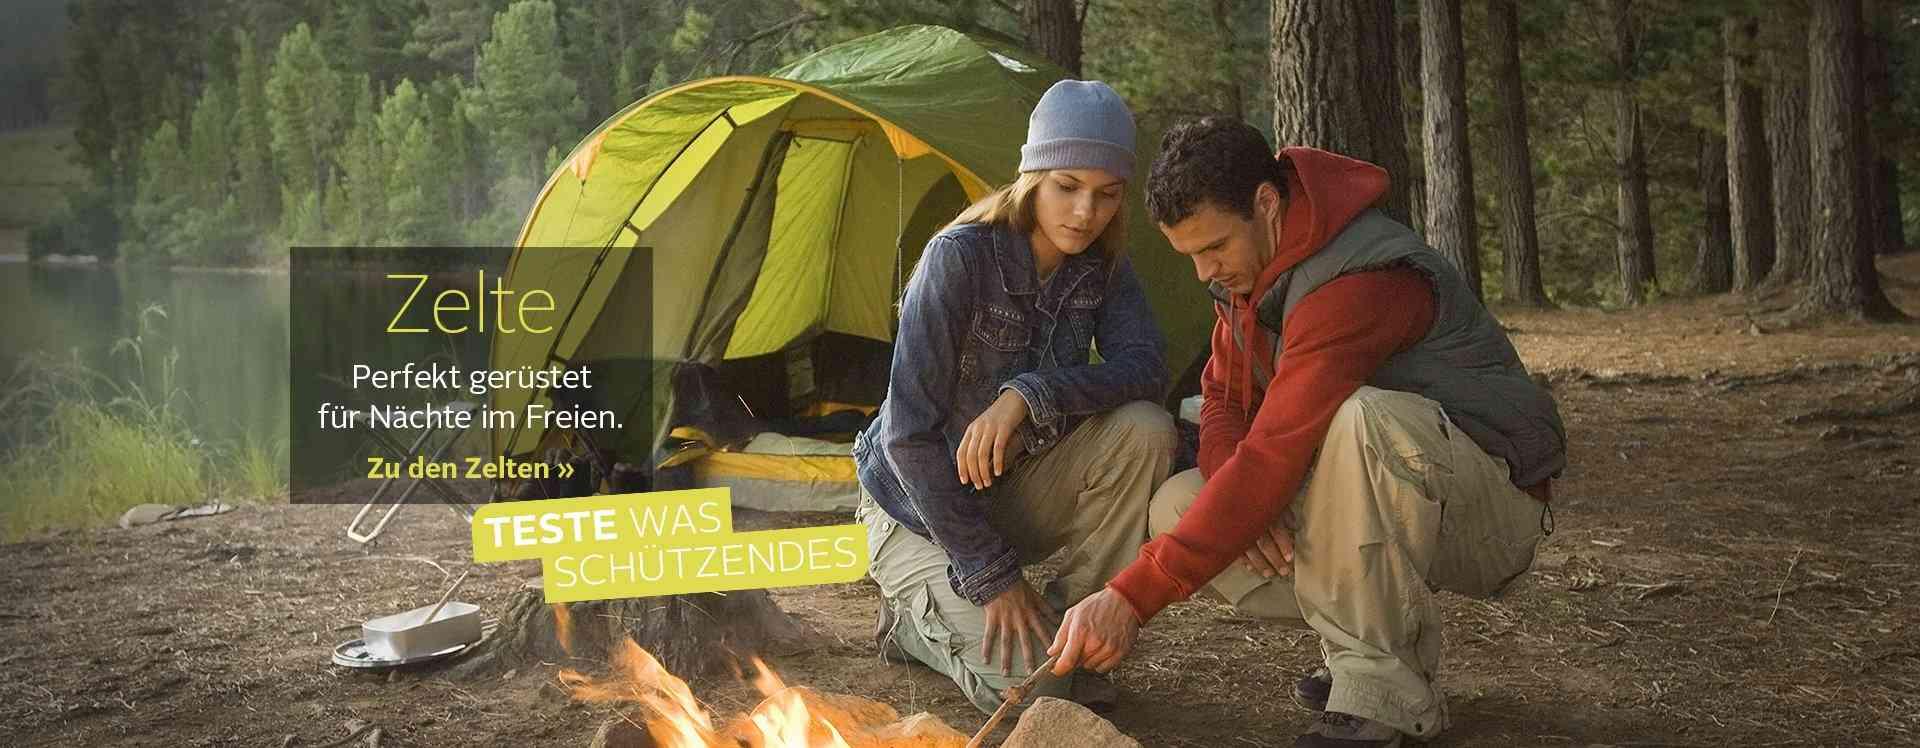 Zelte in allen Größen und Formen für Ihren nächsten Urlaub: Der Outdoor-Trip kann kommen. Genießen Sie die Natur mit unseren Campingzelten!